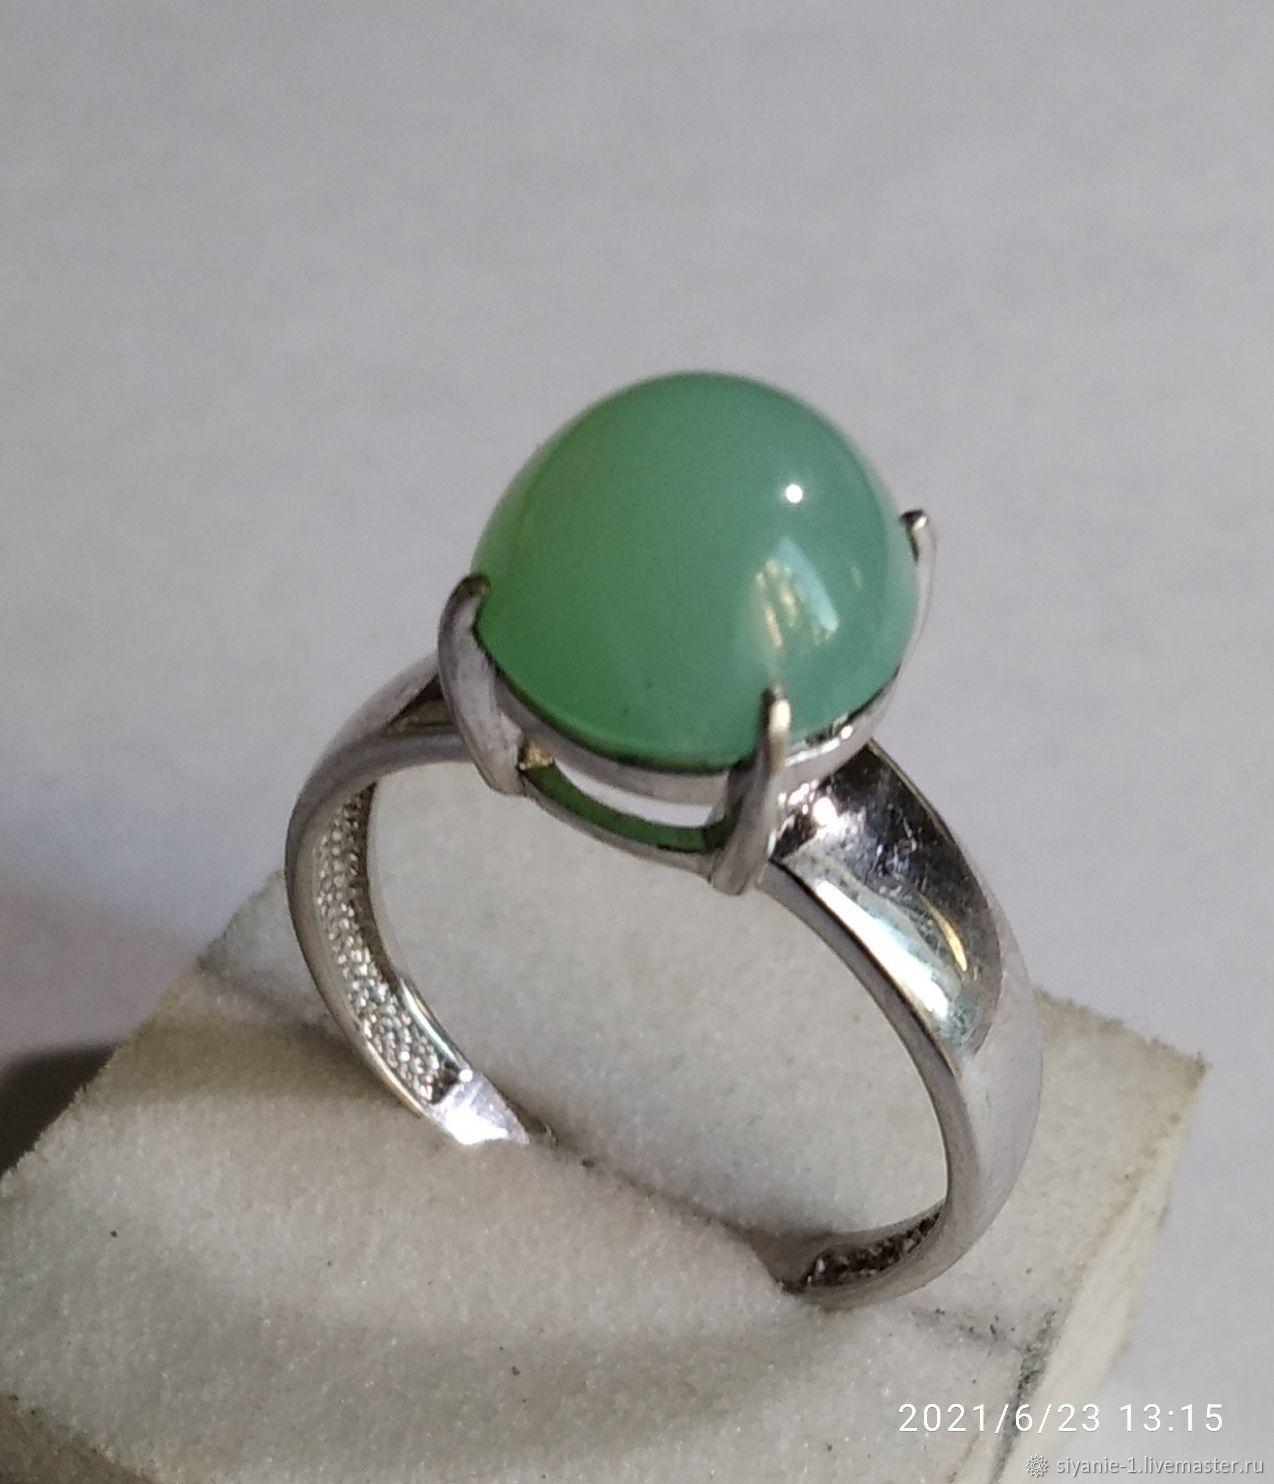 Кольцо серебряное с натуральным хризопразом, Кольца, Кострома,  Фото №1